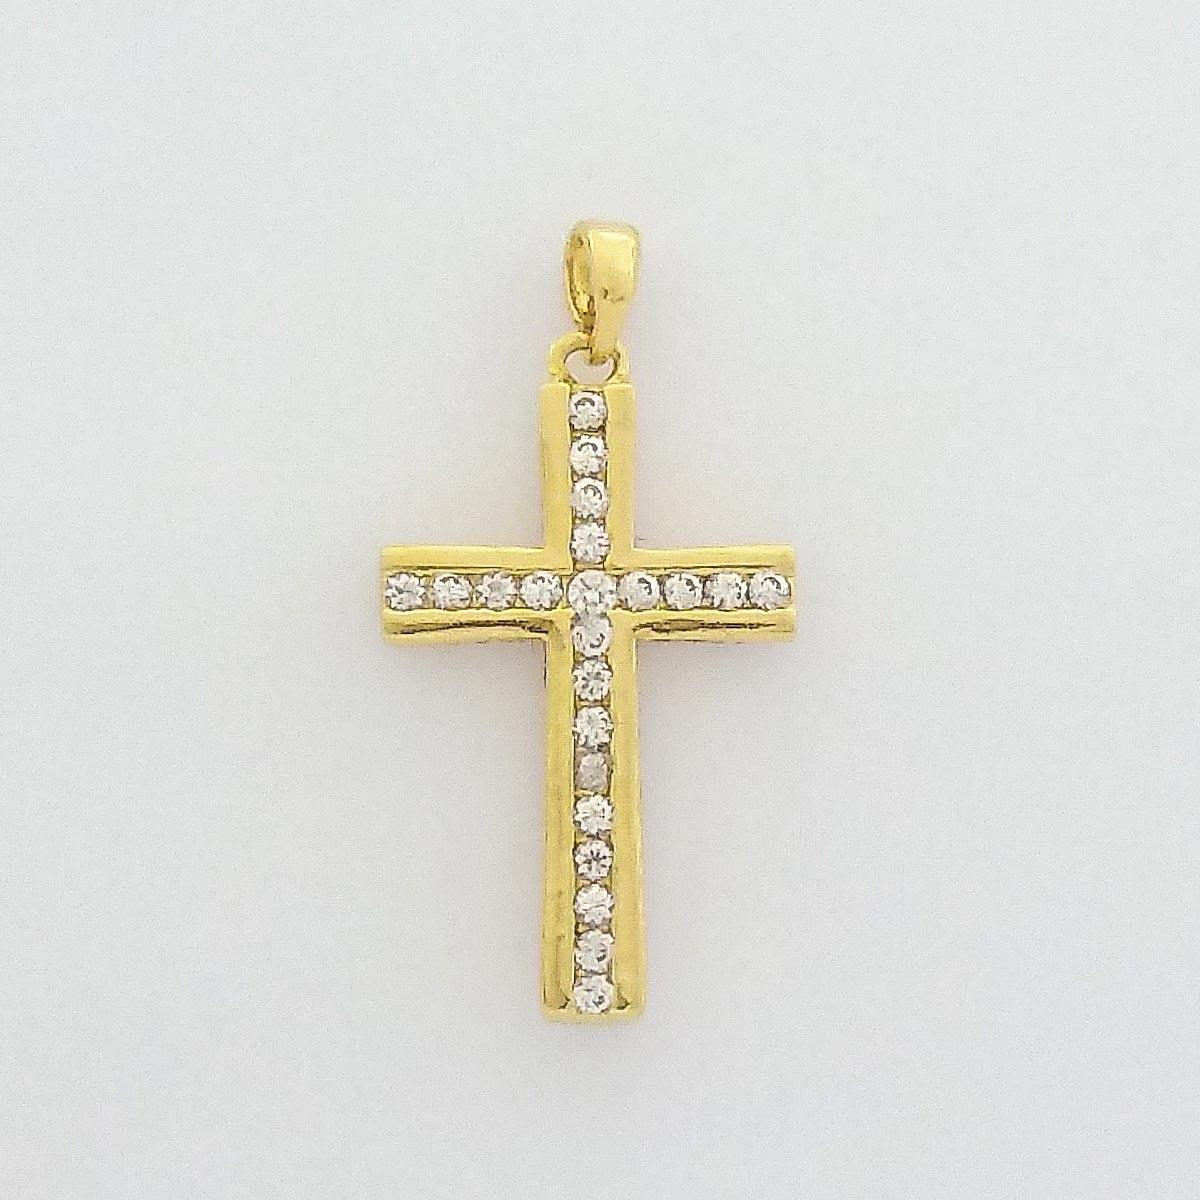 Pingente Cruz Cravejado De Zircônia Banhado A Ouro - R  80,39 em ... 6ed8f52893